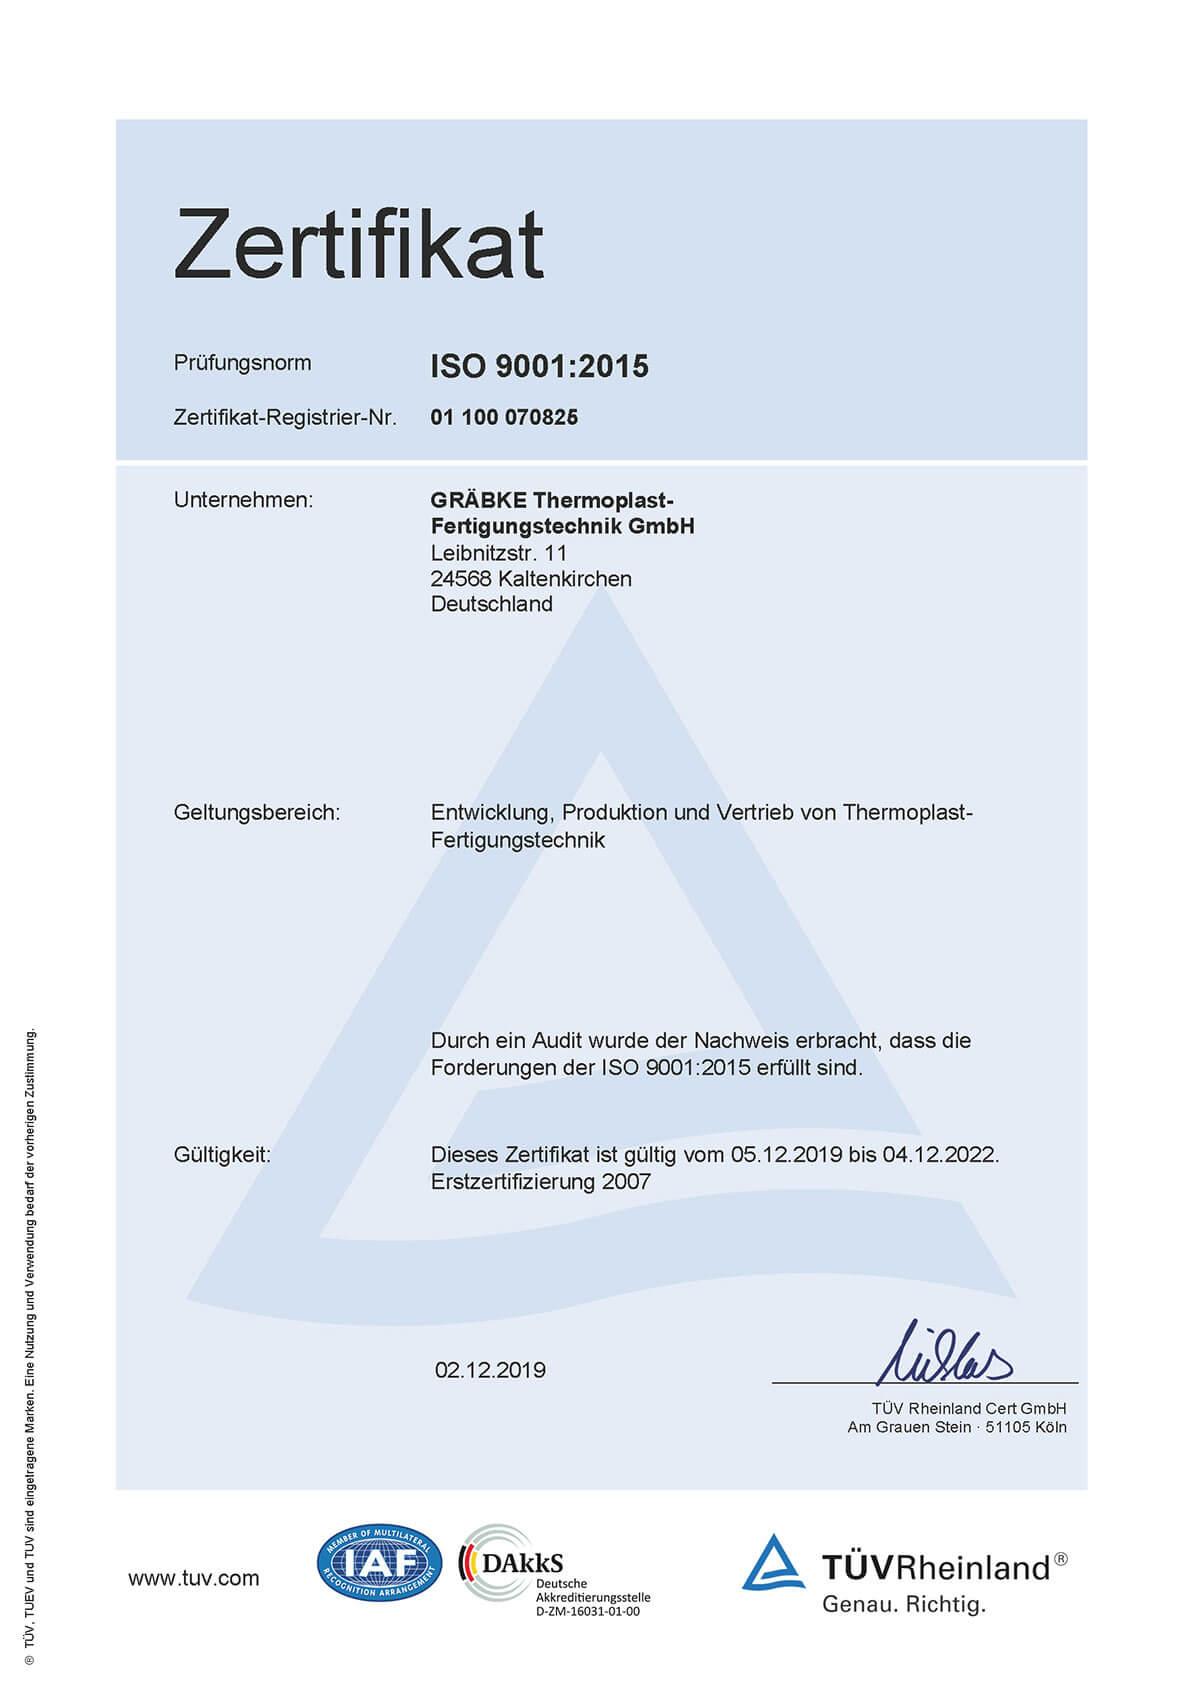 Gräbke Thermoplast-Fertigungstechnik – ISO-Zertifikat 9001:2015 gültig von Dez. 2019 bis Dez. 2022